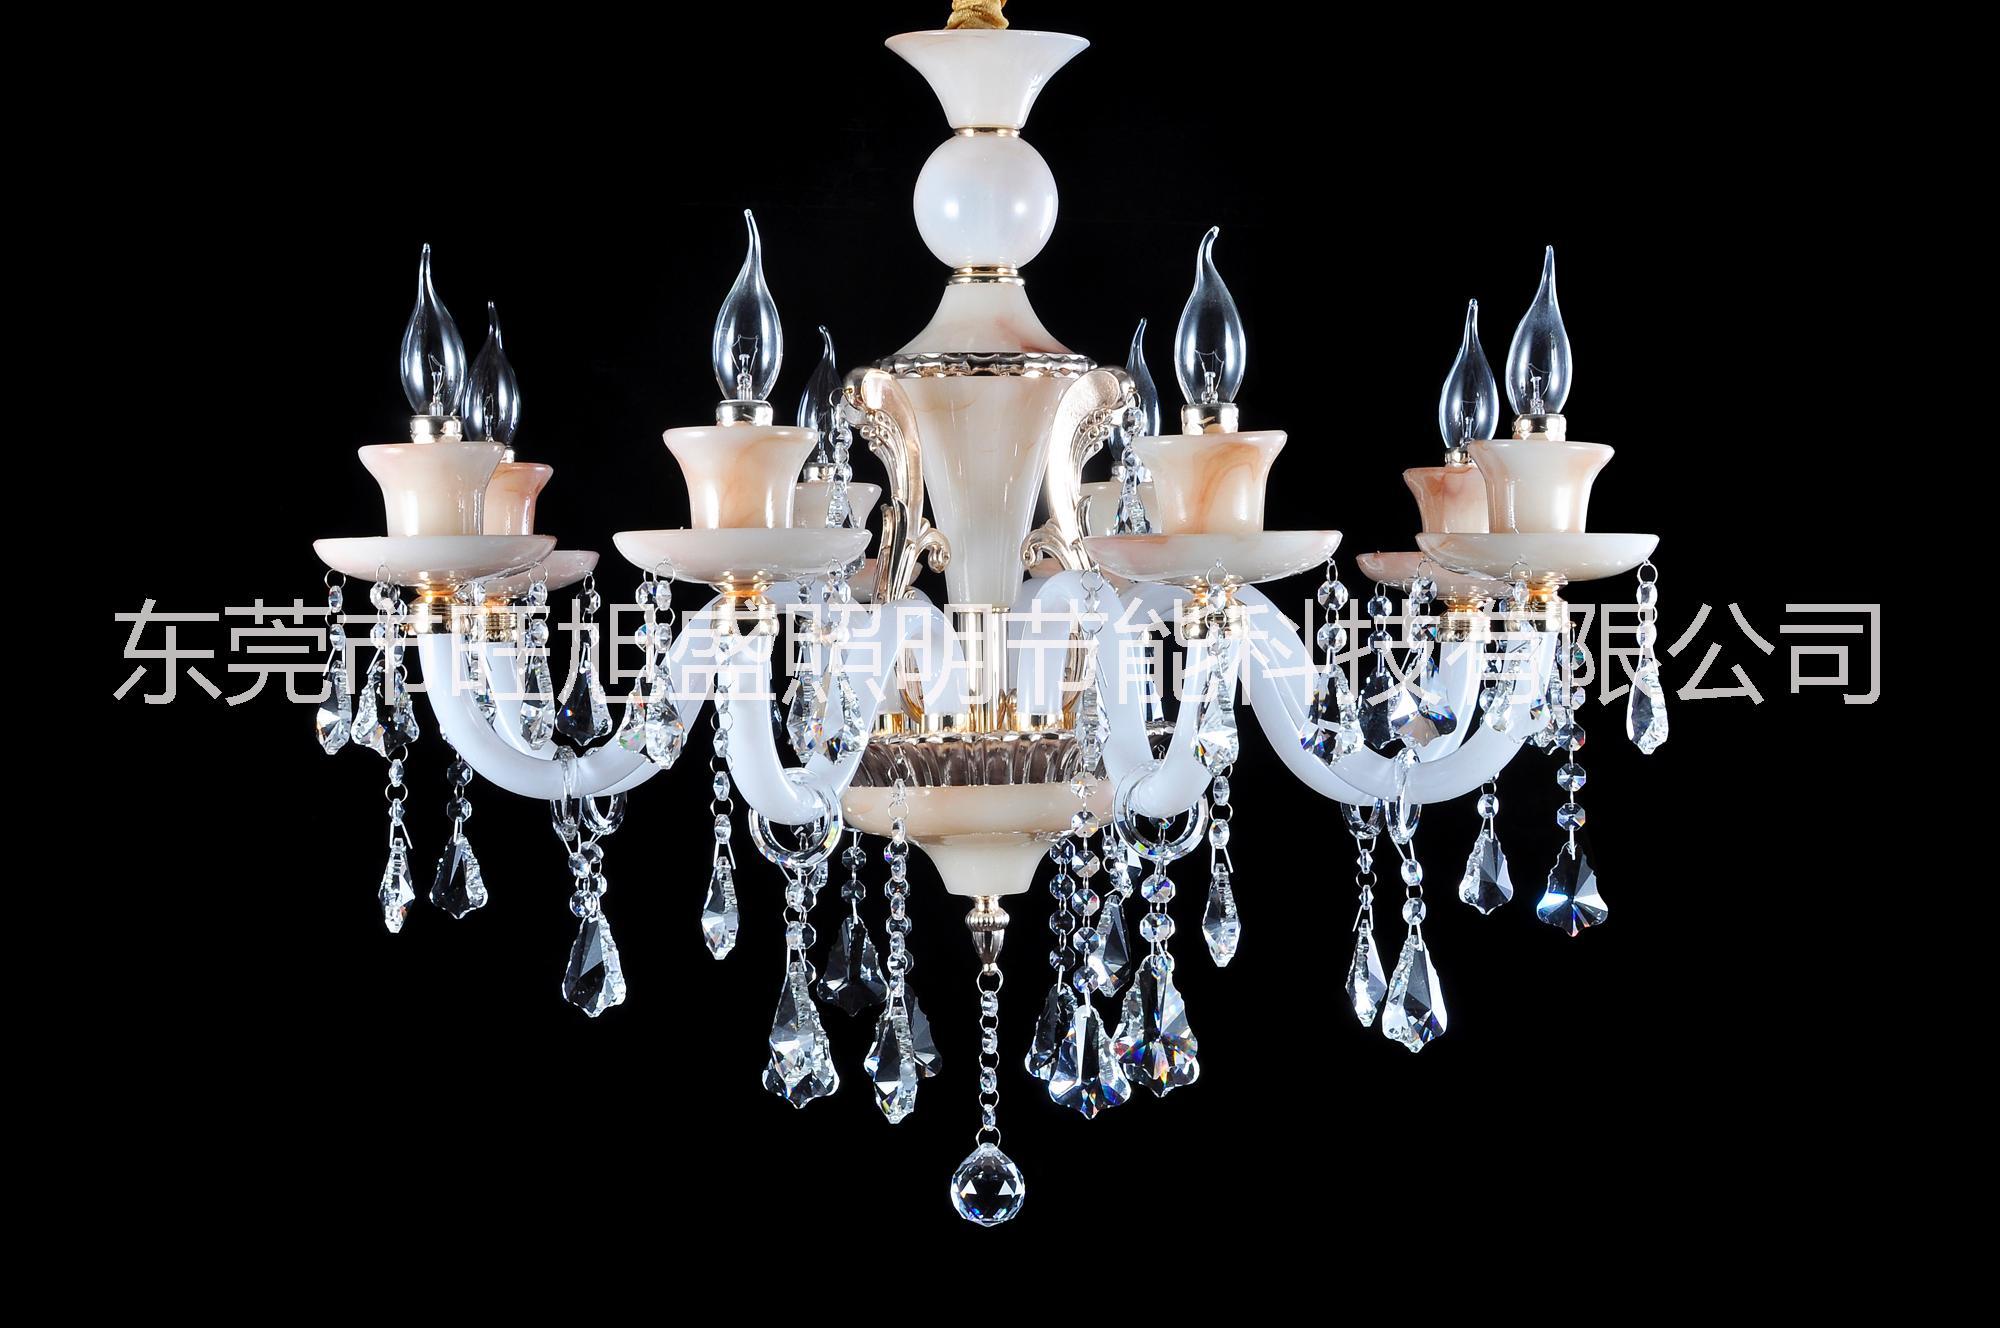 欧式玉石水晶灯-2002图片|欧式玉石水晶灯-2002样板